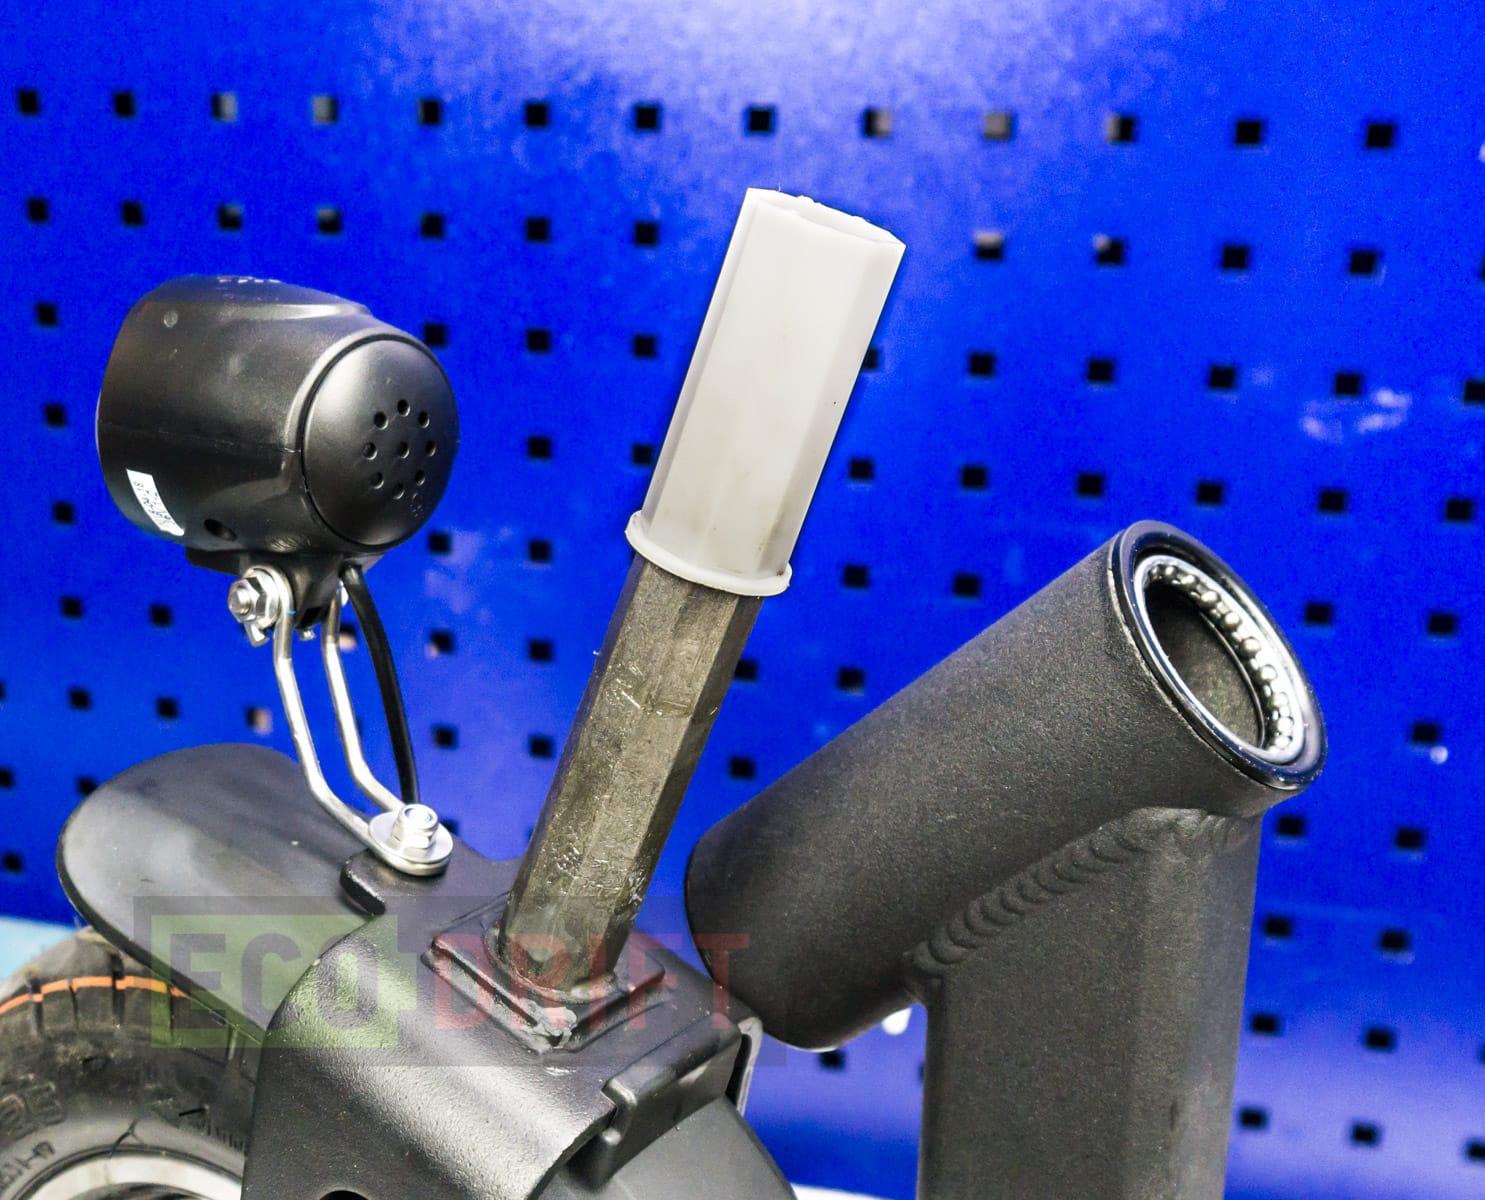 JOYOR electric scooter - стр  24 - Электросамокаты - Форум